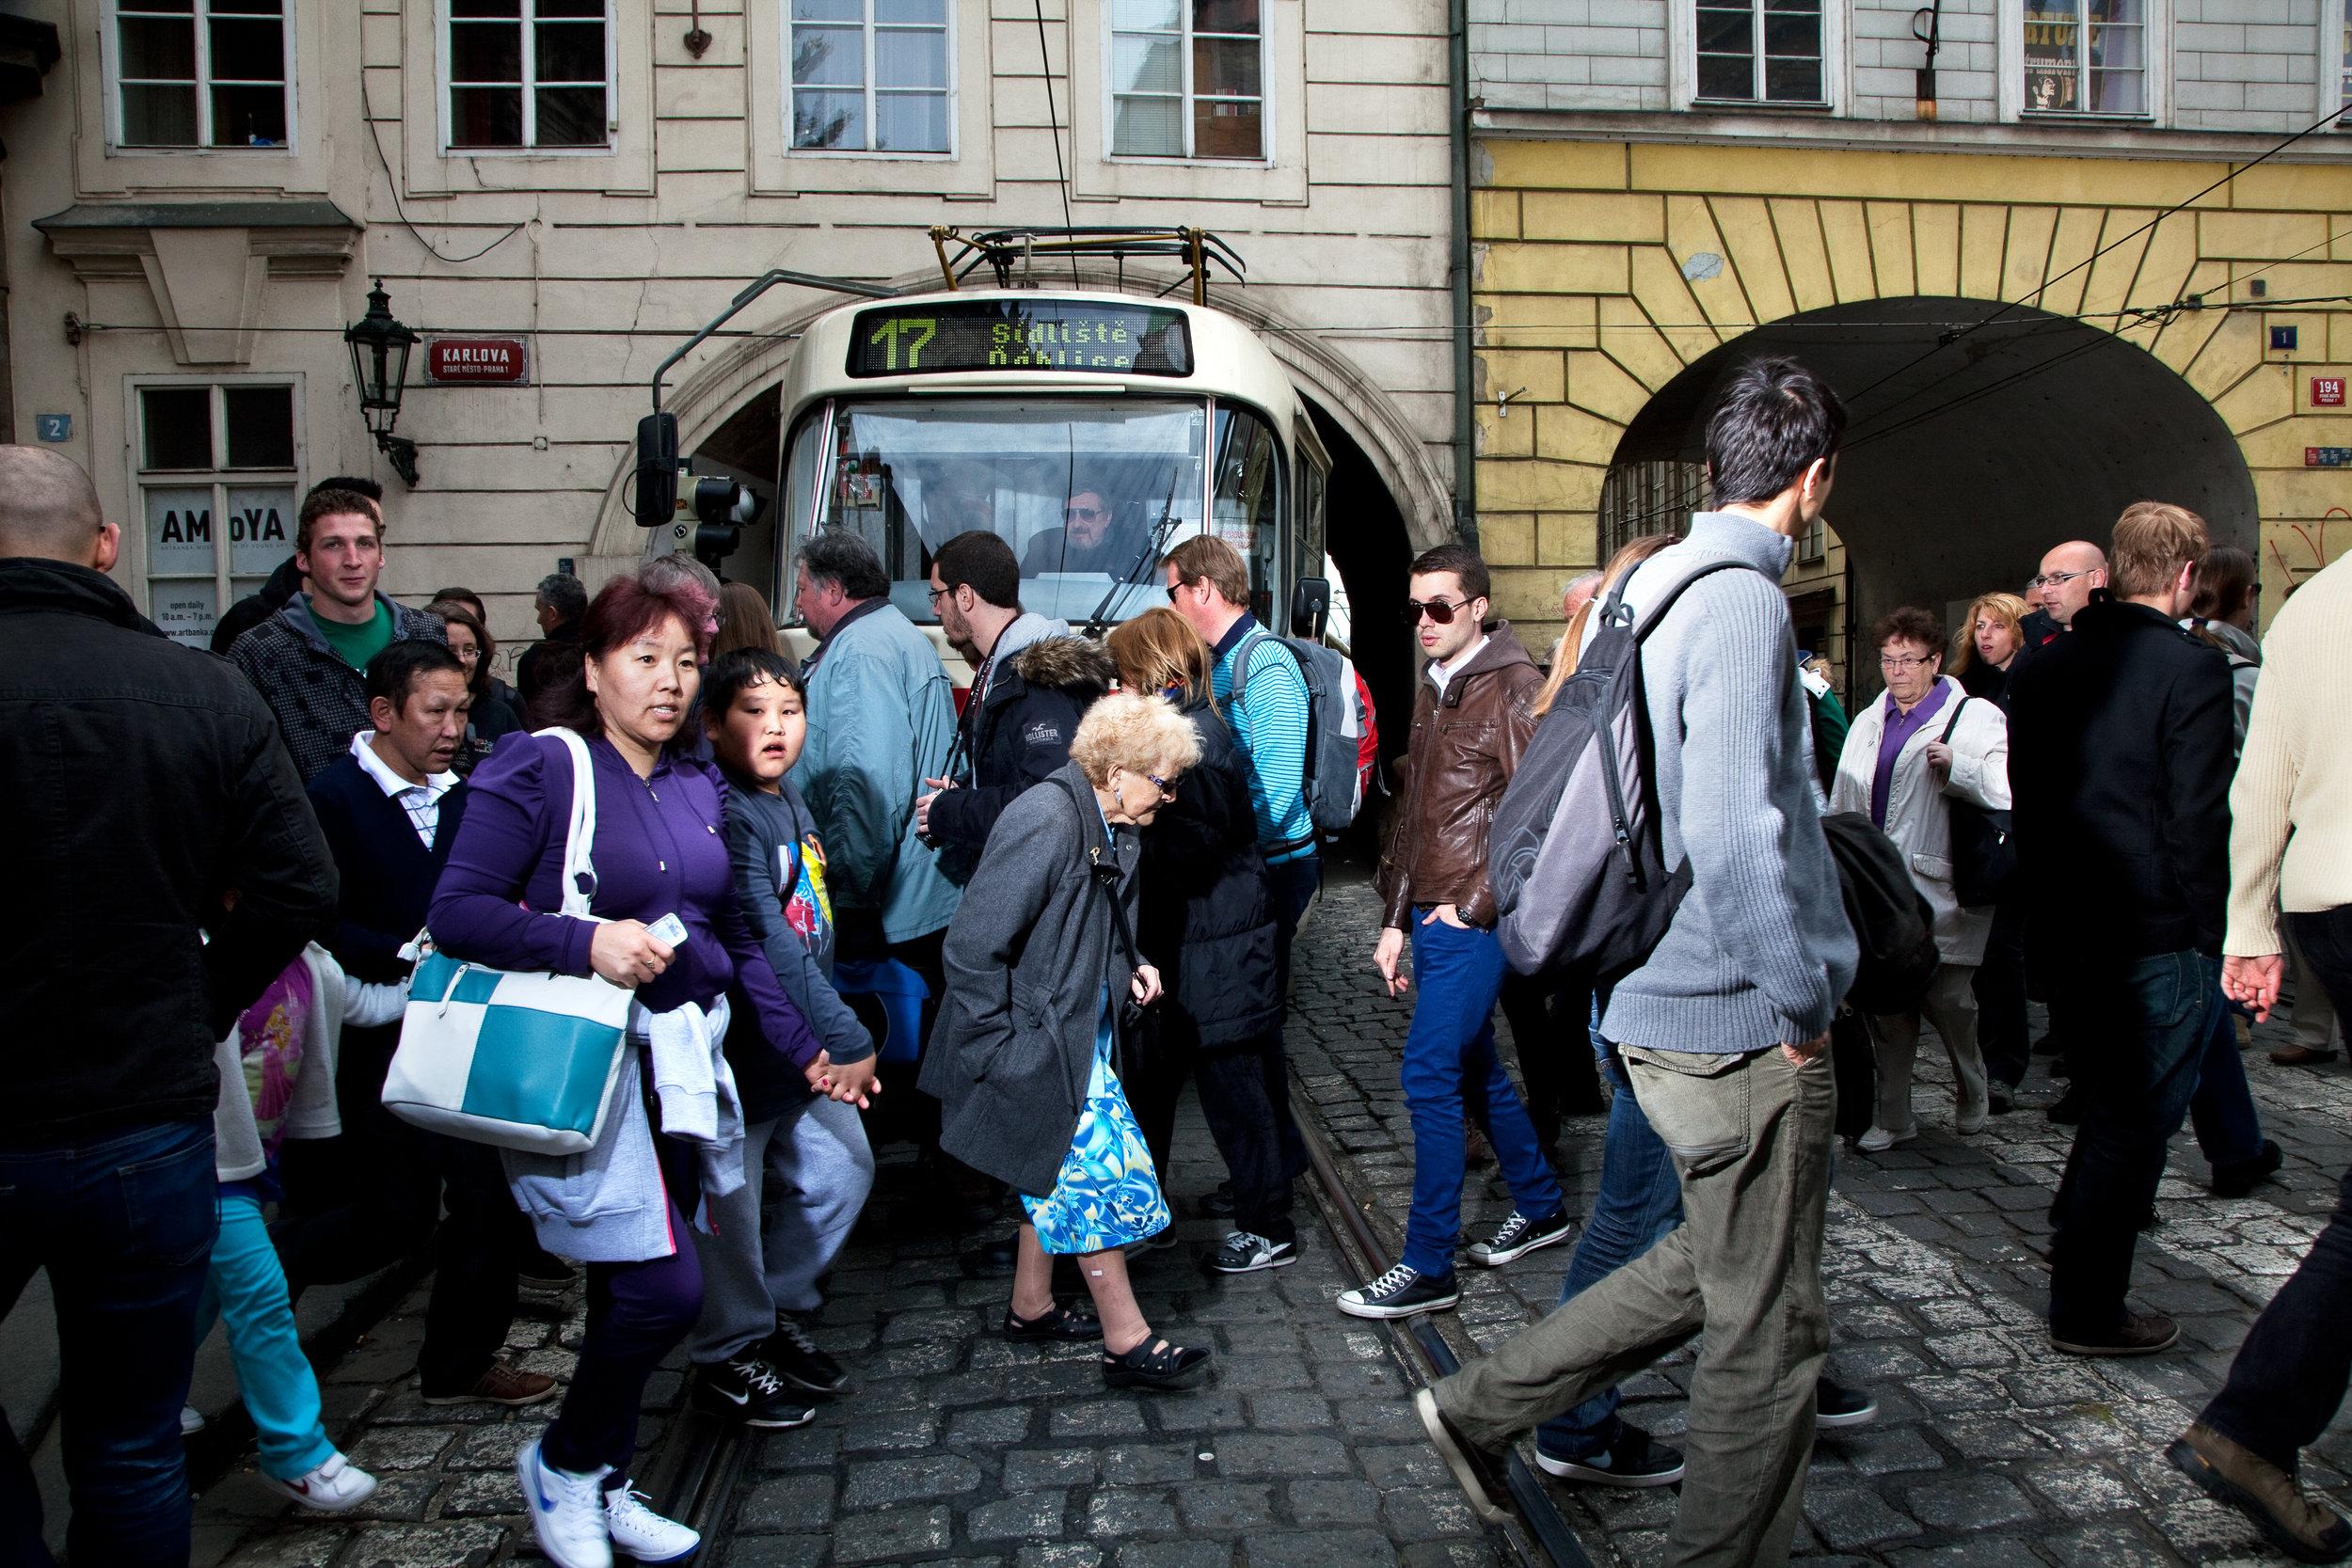 Poike_Stomps_7_Prague_Crossing_Europe (1 van 1).jpg